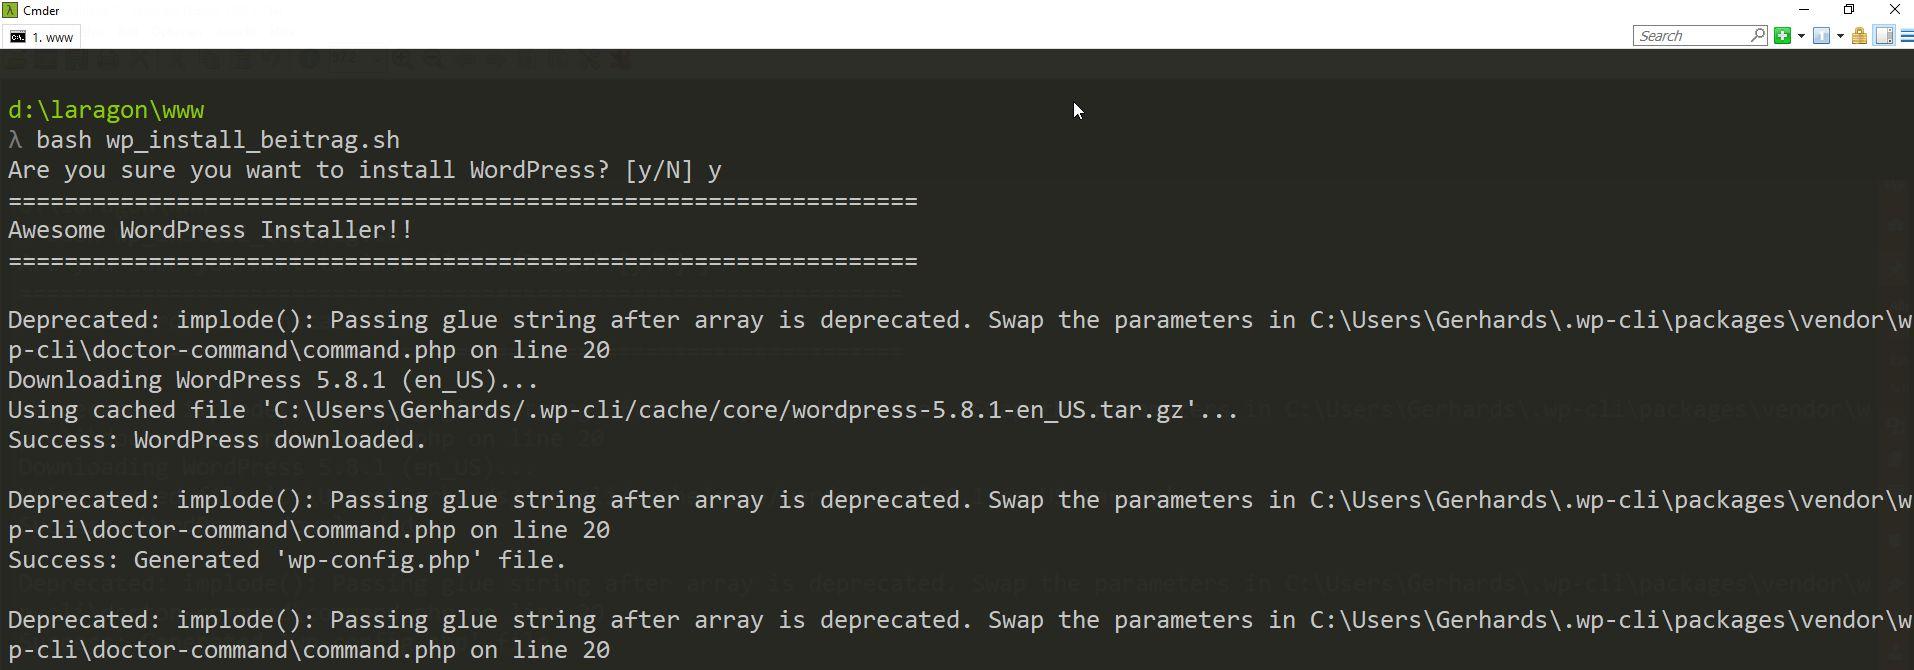 Ein Bash-Script unter Laragon zur Einrichtung einer WordPress-Instanz mit WP-CLI-Kommandos